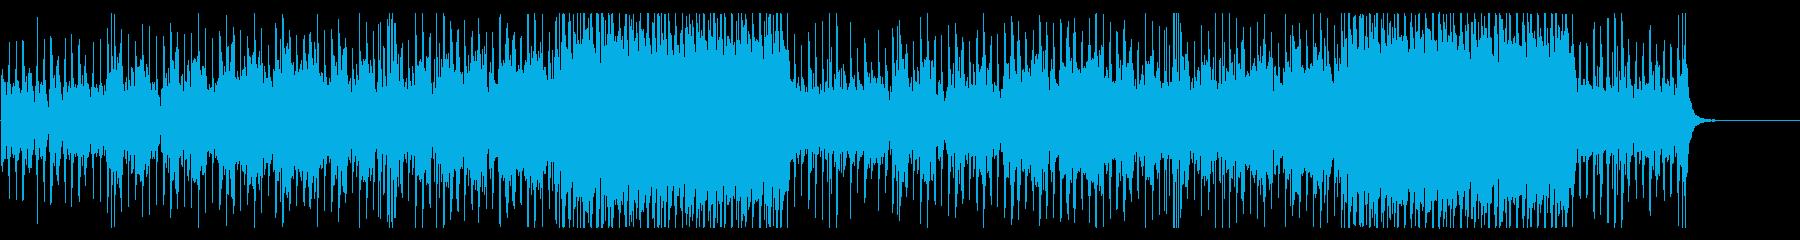 太鼓とシンセを使った和風戦闘系BGMの再生済みの波形